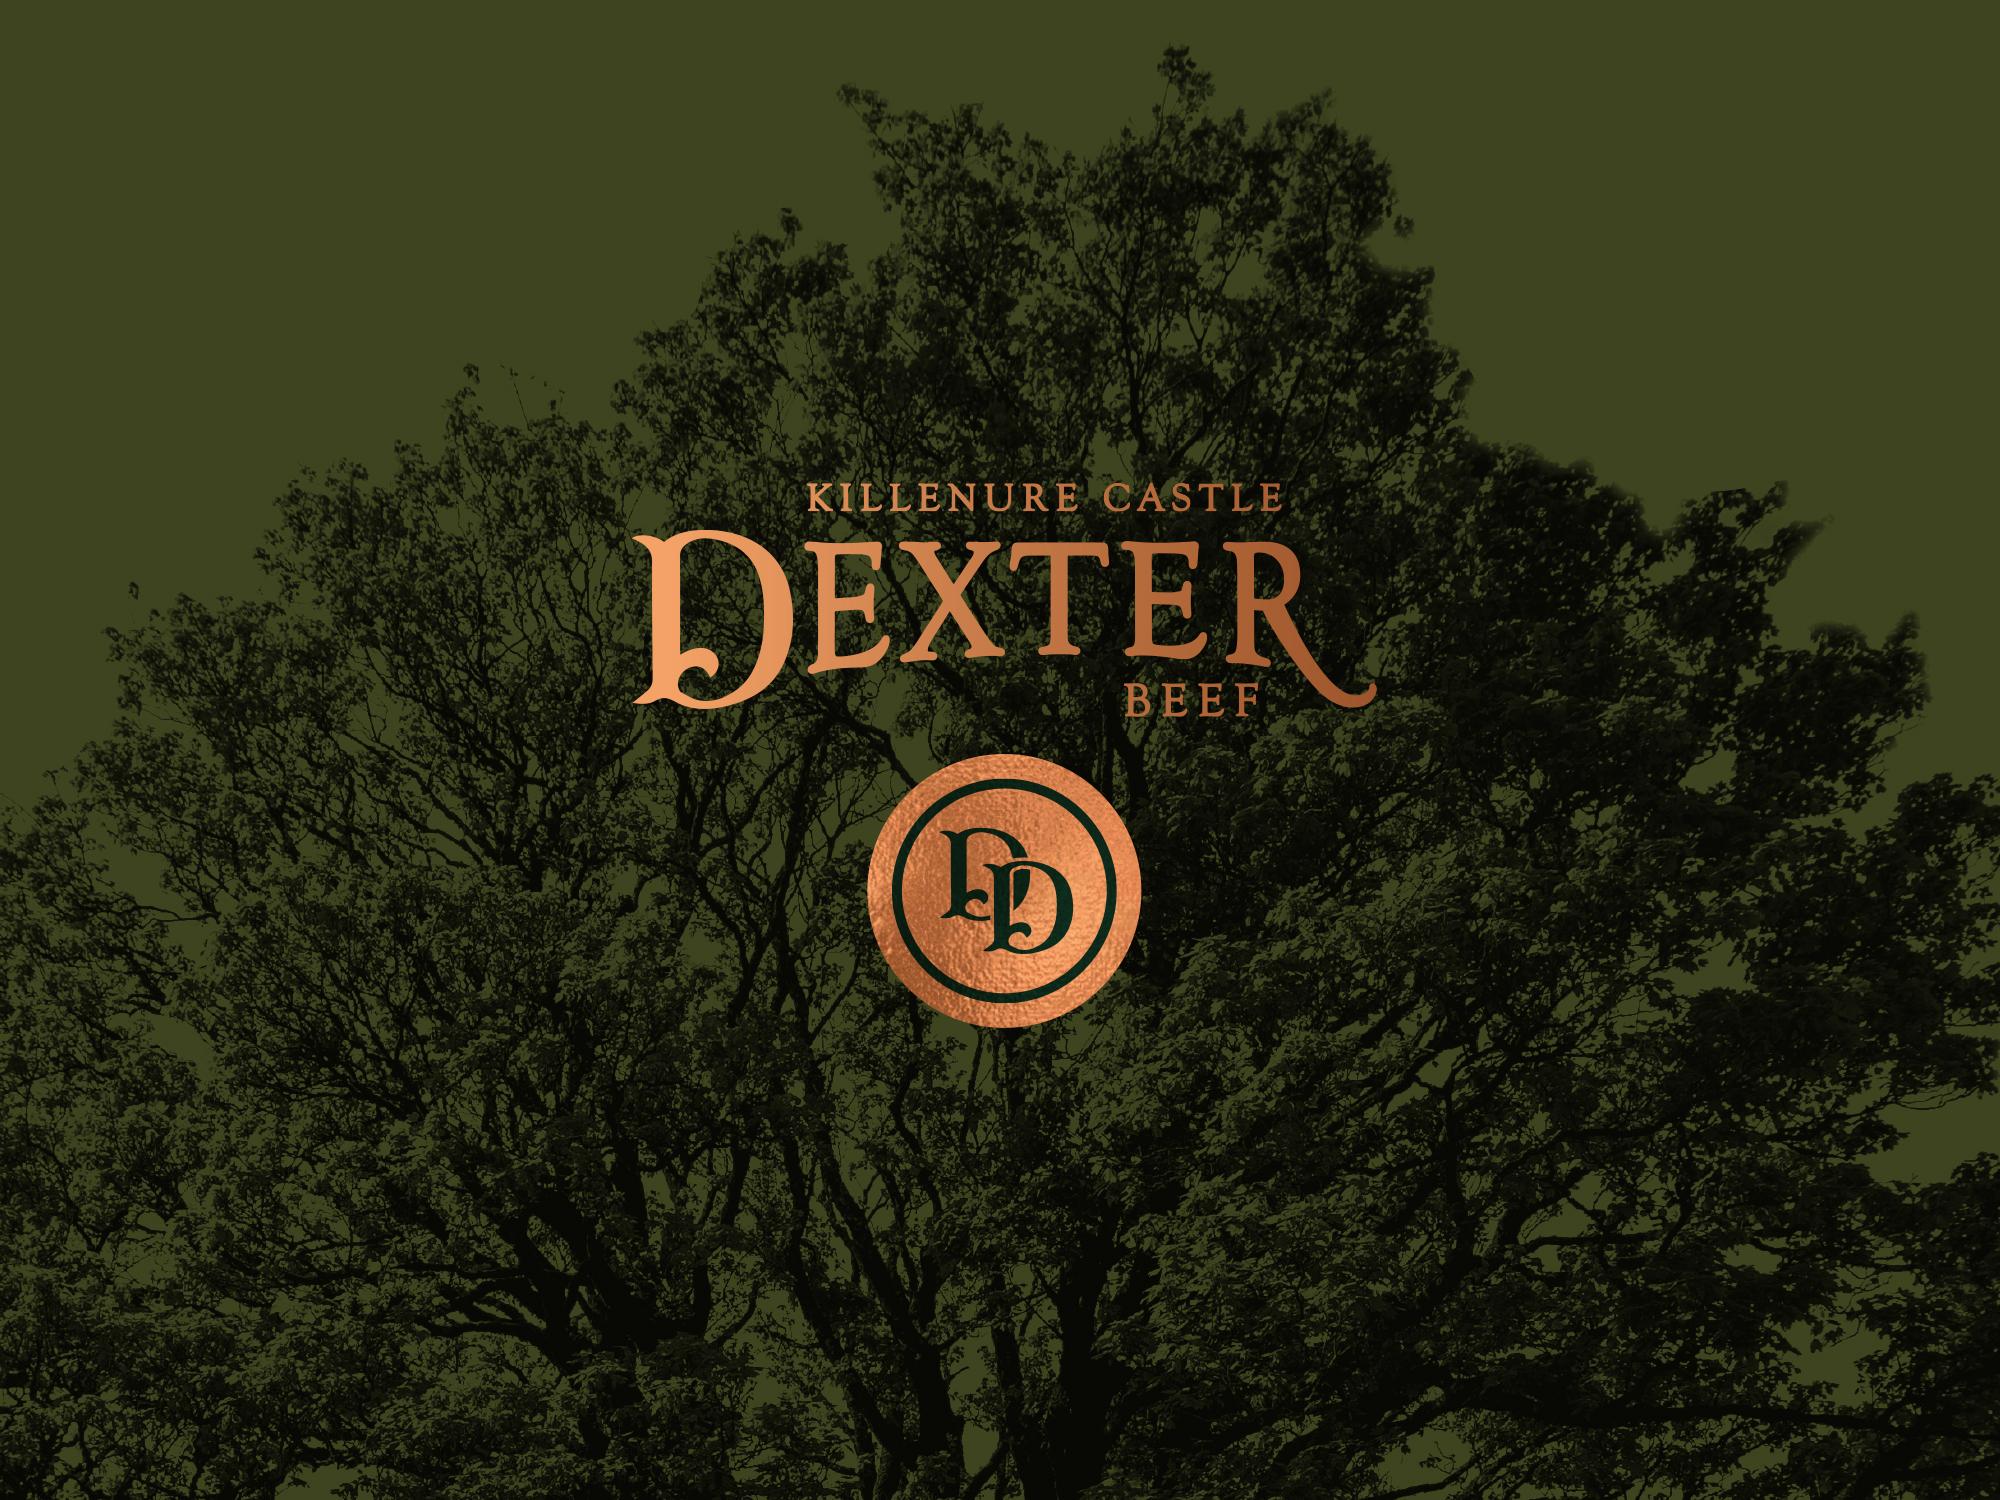 Cover image: Dundrum Dexter Charcuterie by Killenure Castle